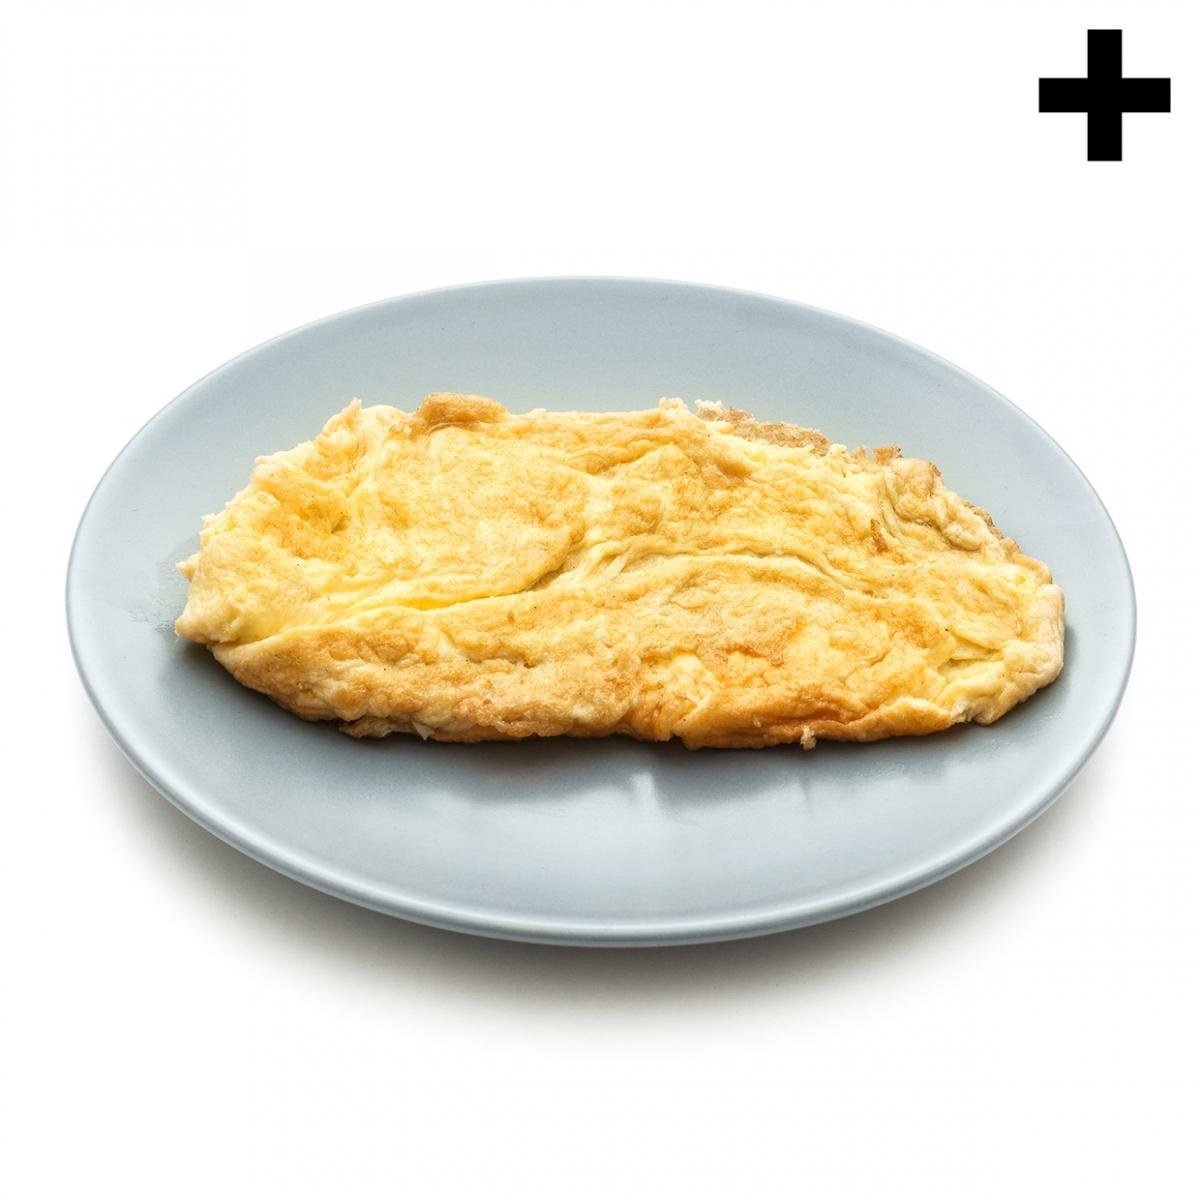 Imagen en el que se ve una tortilla francesa sobre un plato